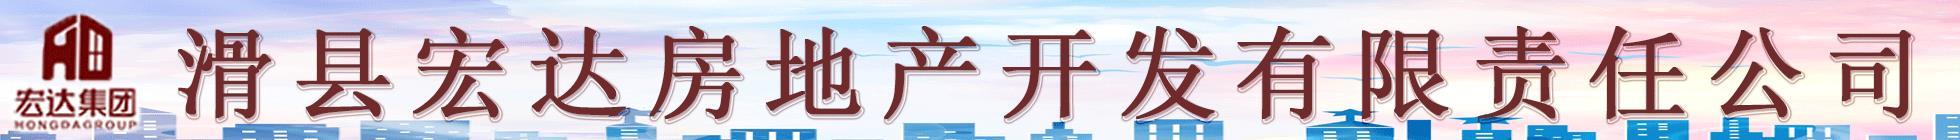 滑�h宏�_集�F